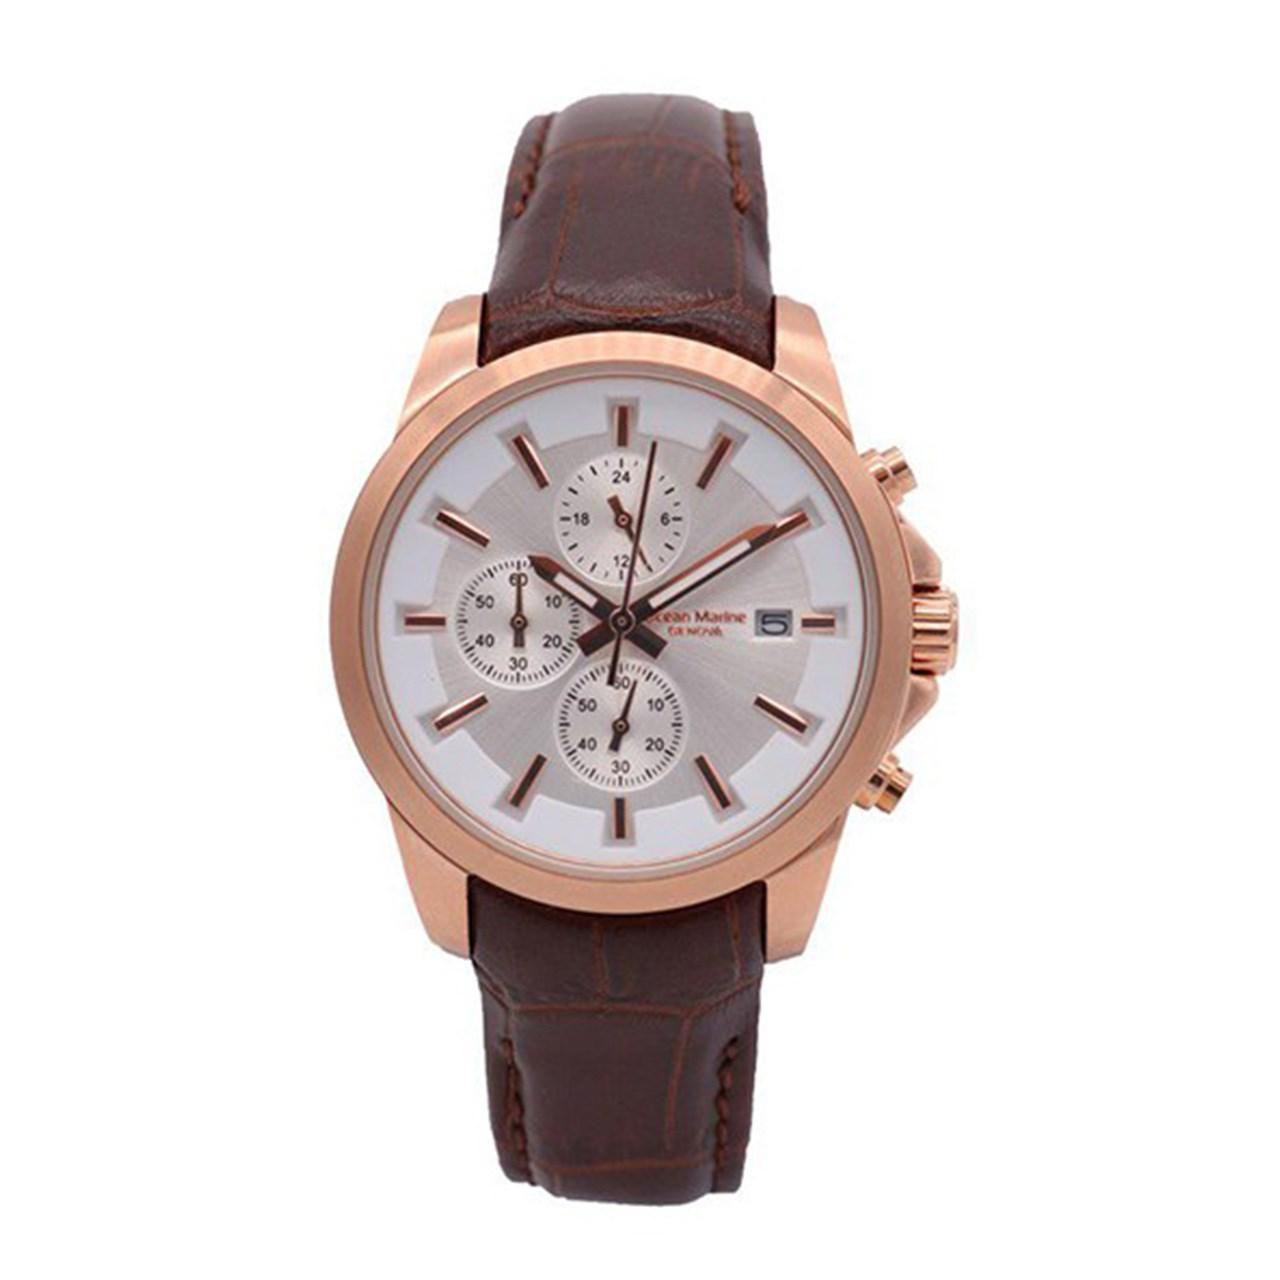 ساعت مچی عقربه ای زنانه اوشن مارین مدل OM-8104L-2